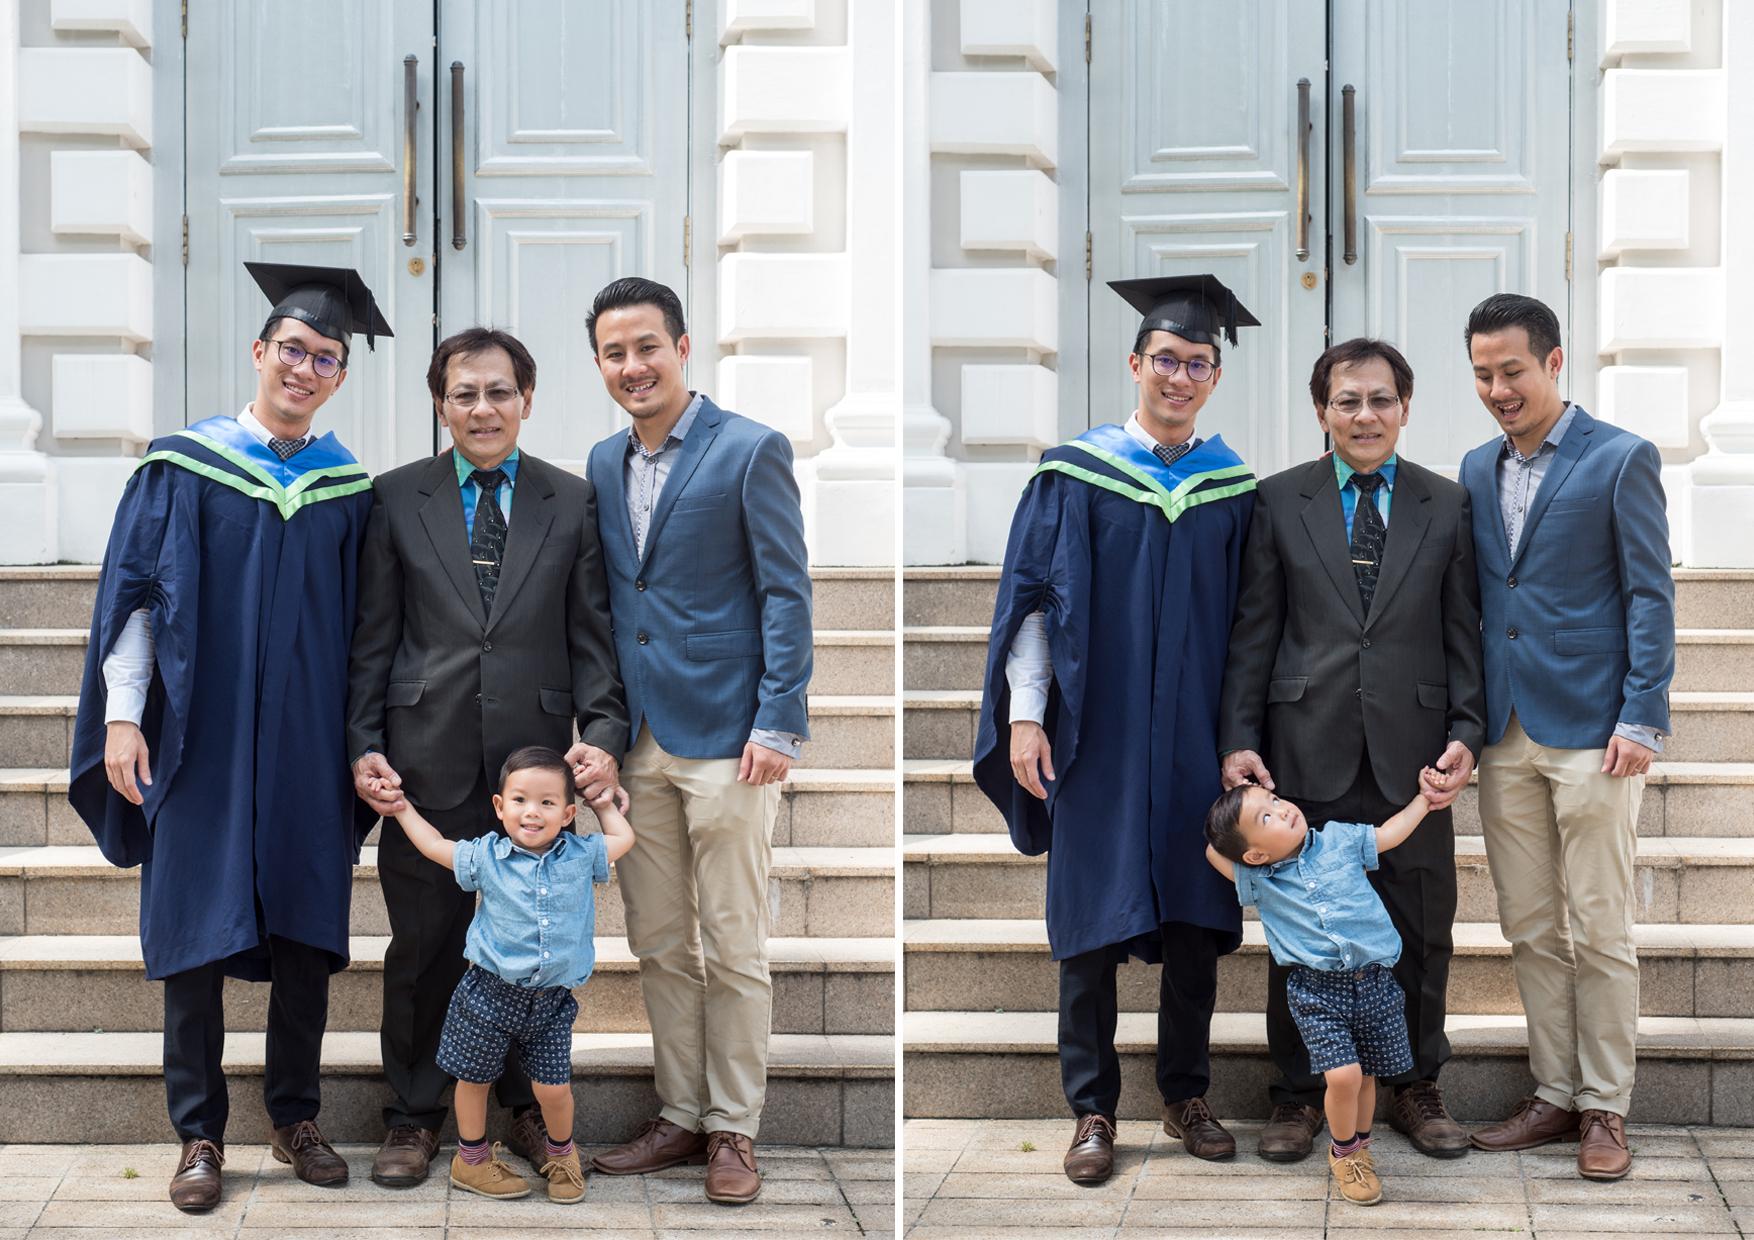 family-graduation-photography-03